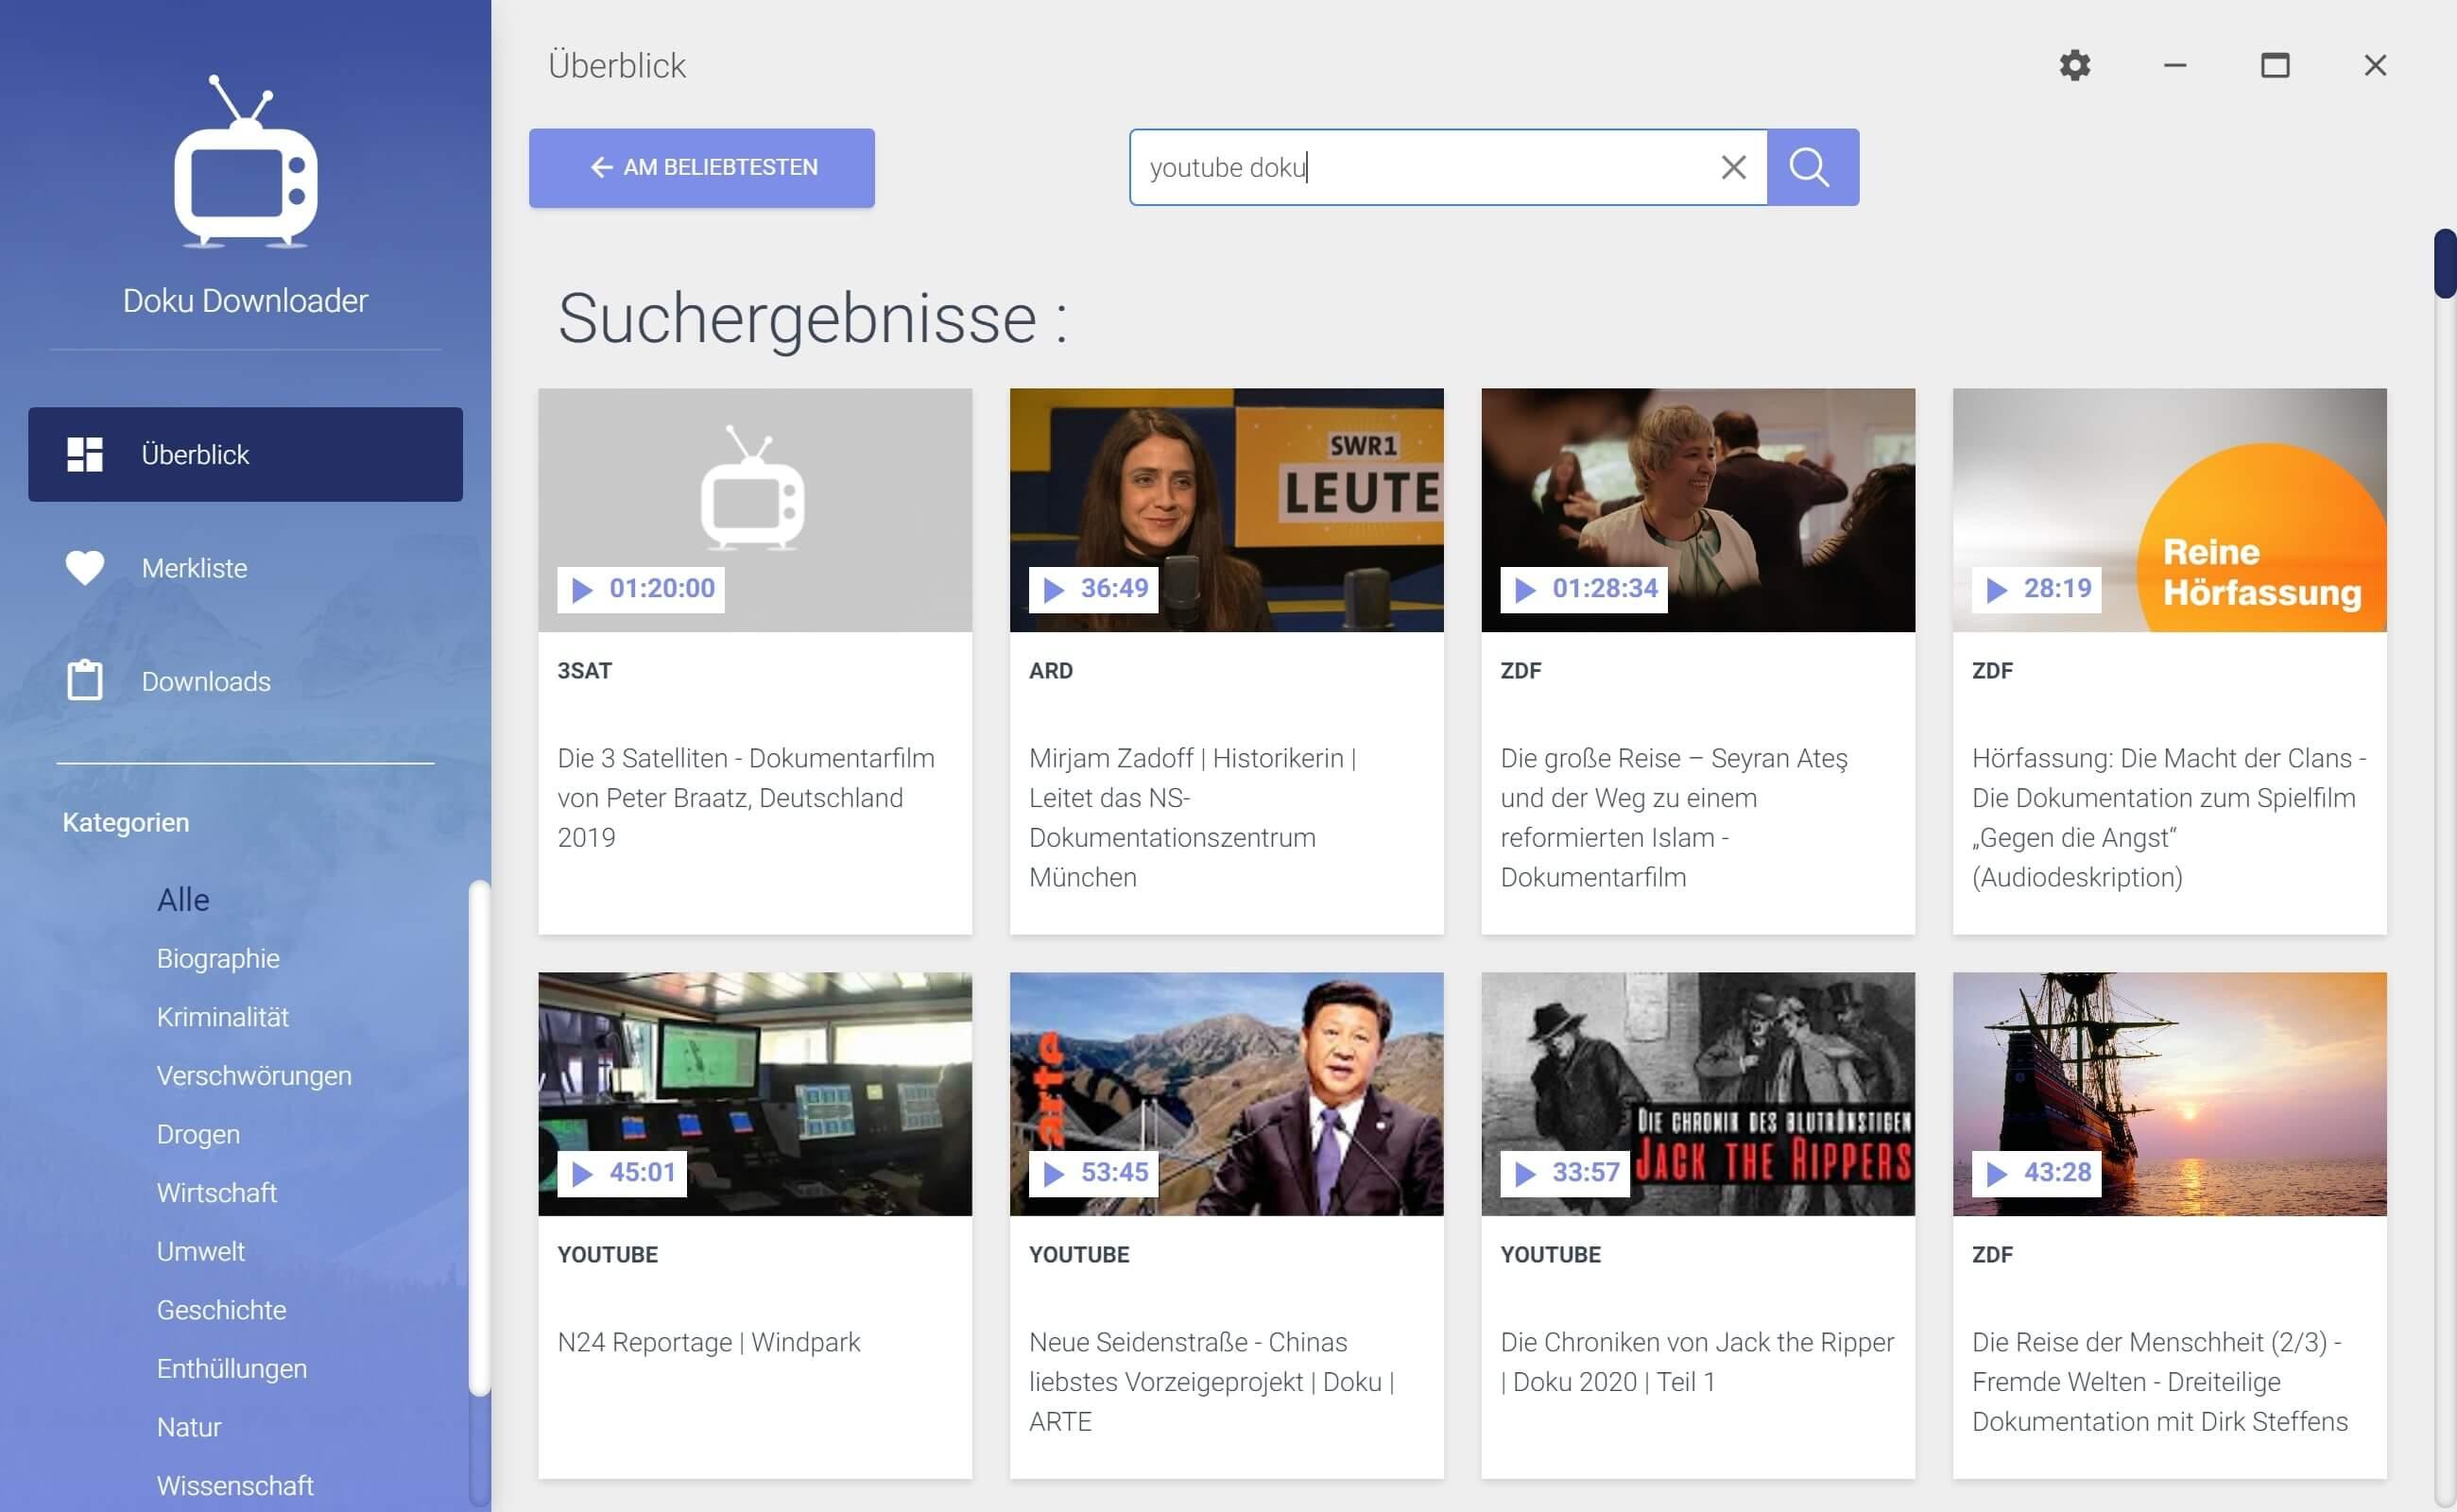 Dokumentationen von Youtube herunterladen - Suche nutzen